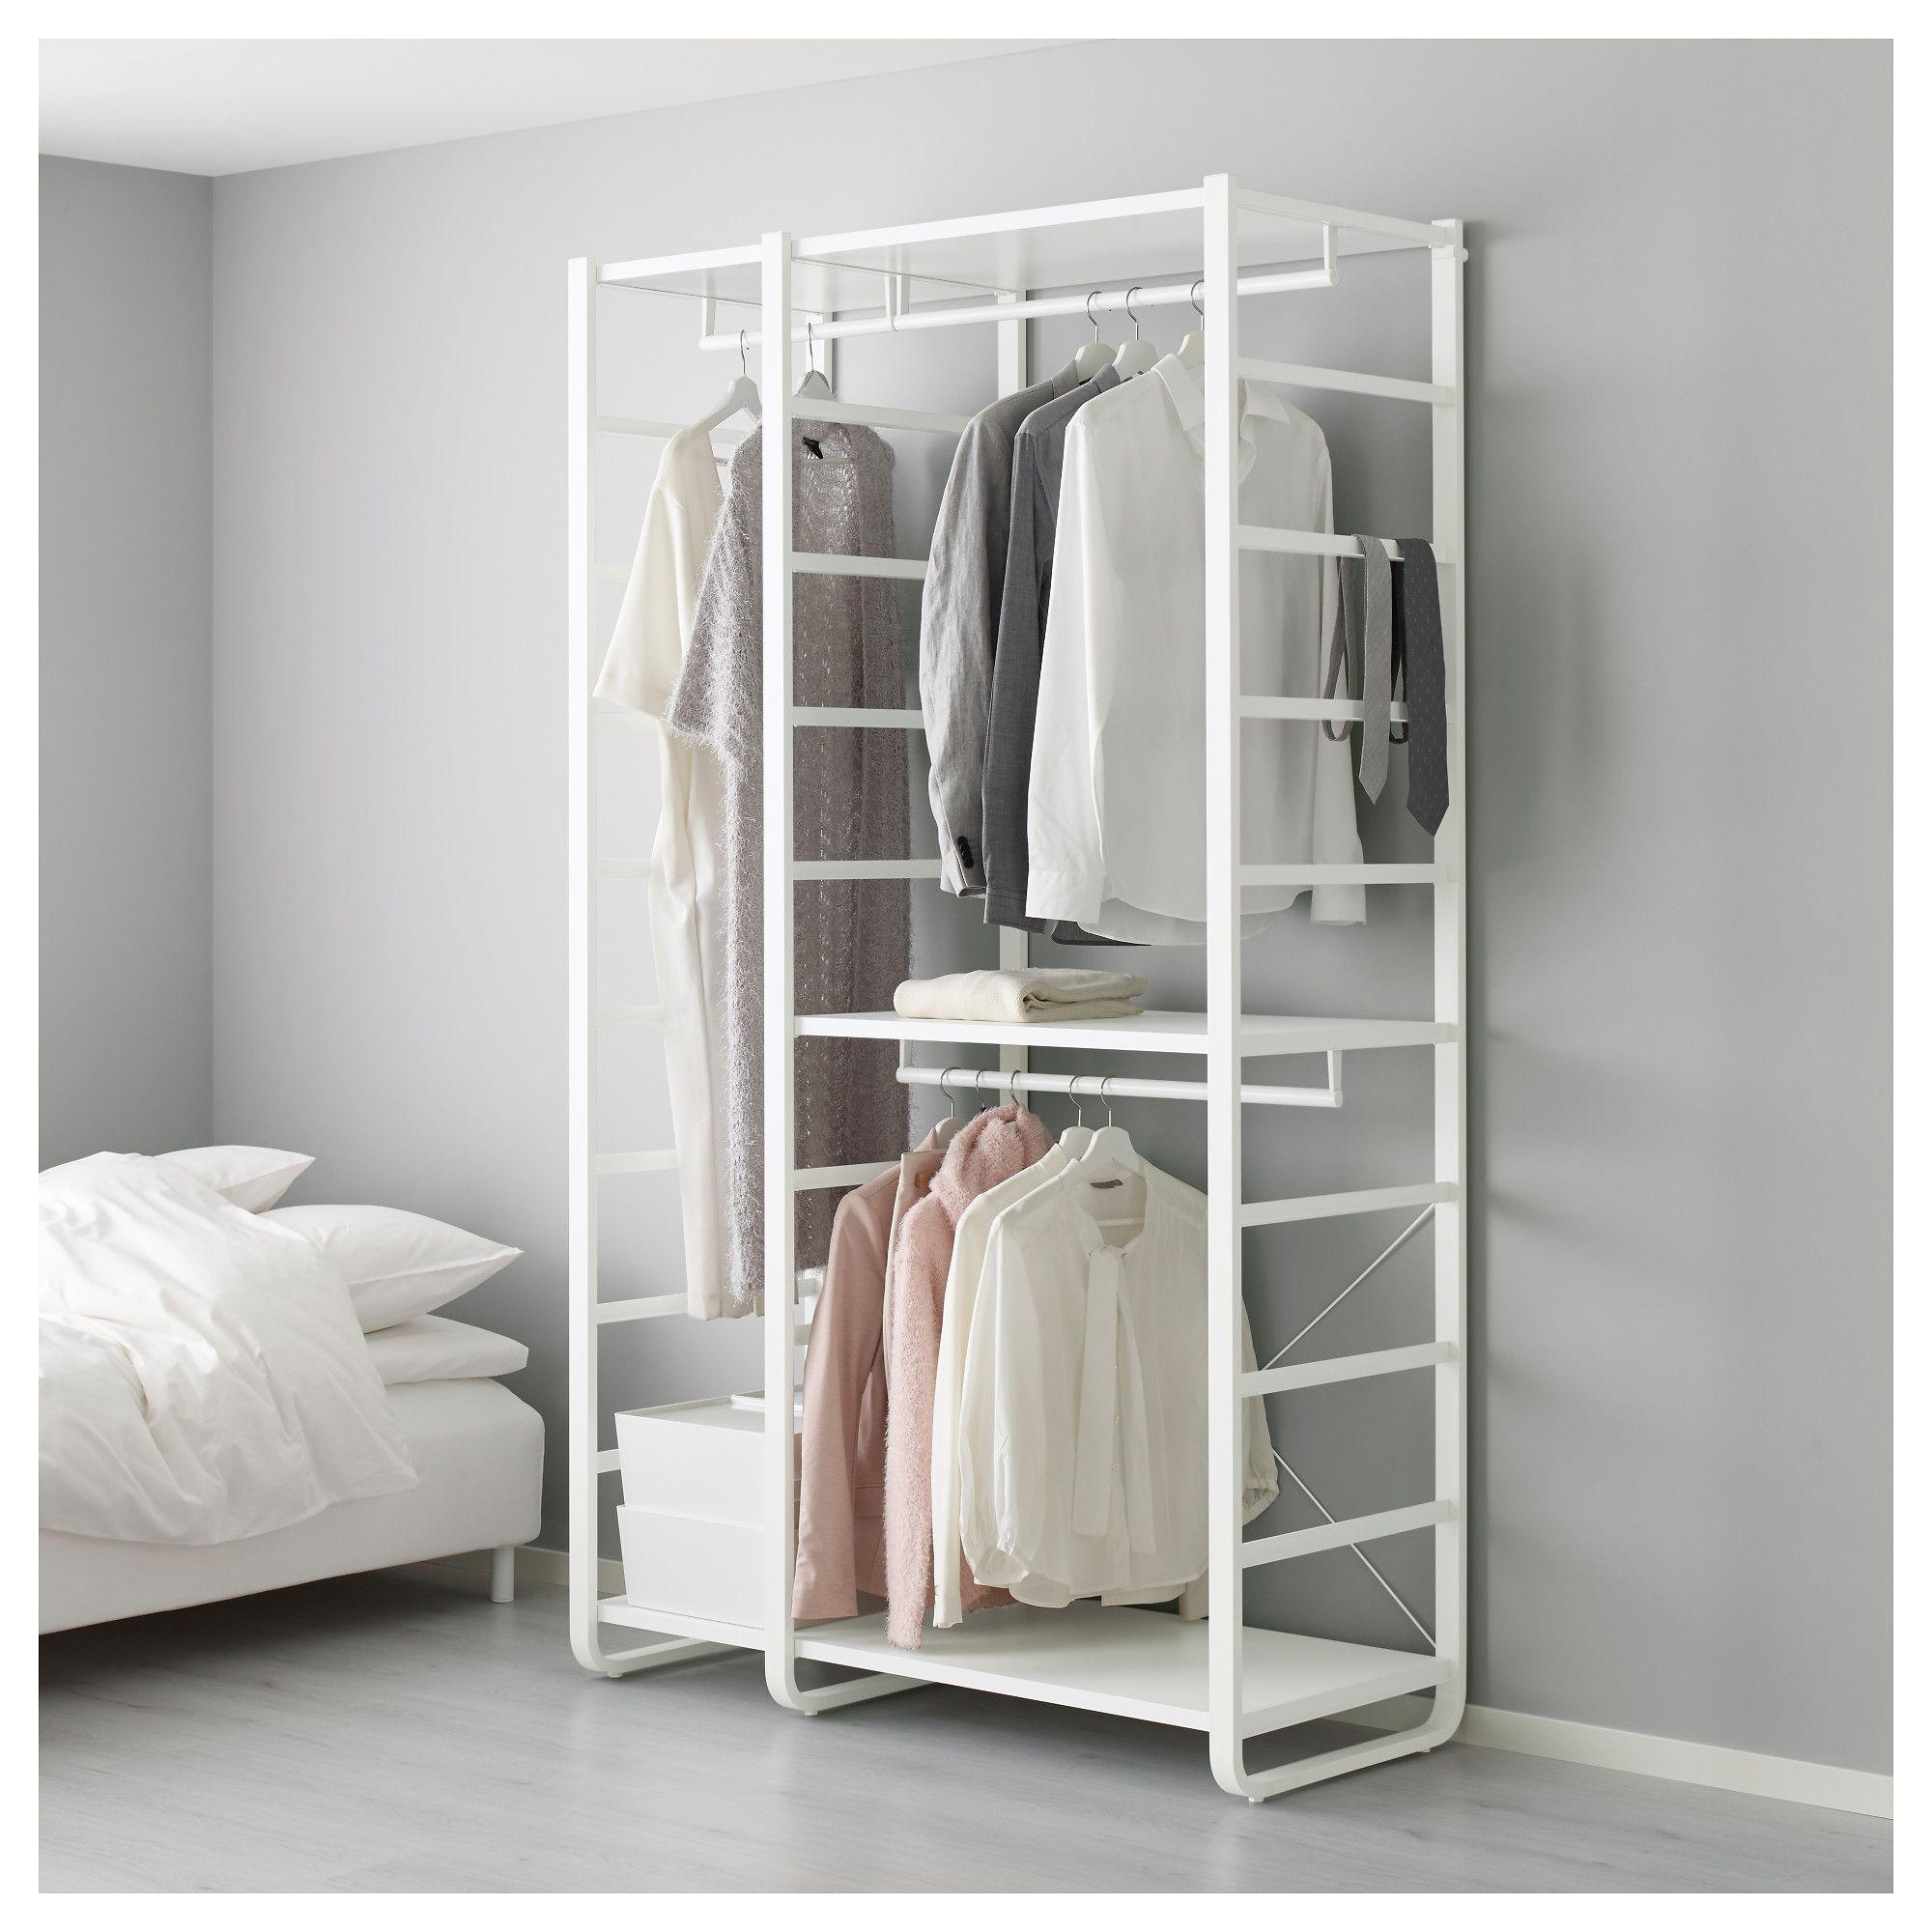 ELVARLI 2 Elemente, weiß | Homedecor | Pinterest | Elemente, Ikea ...